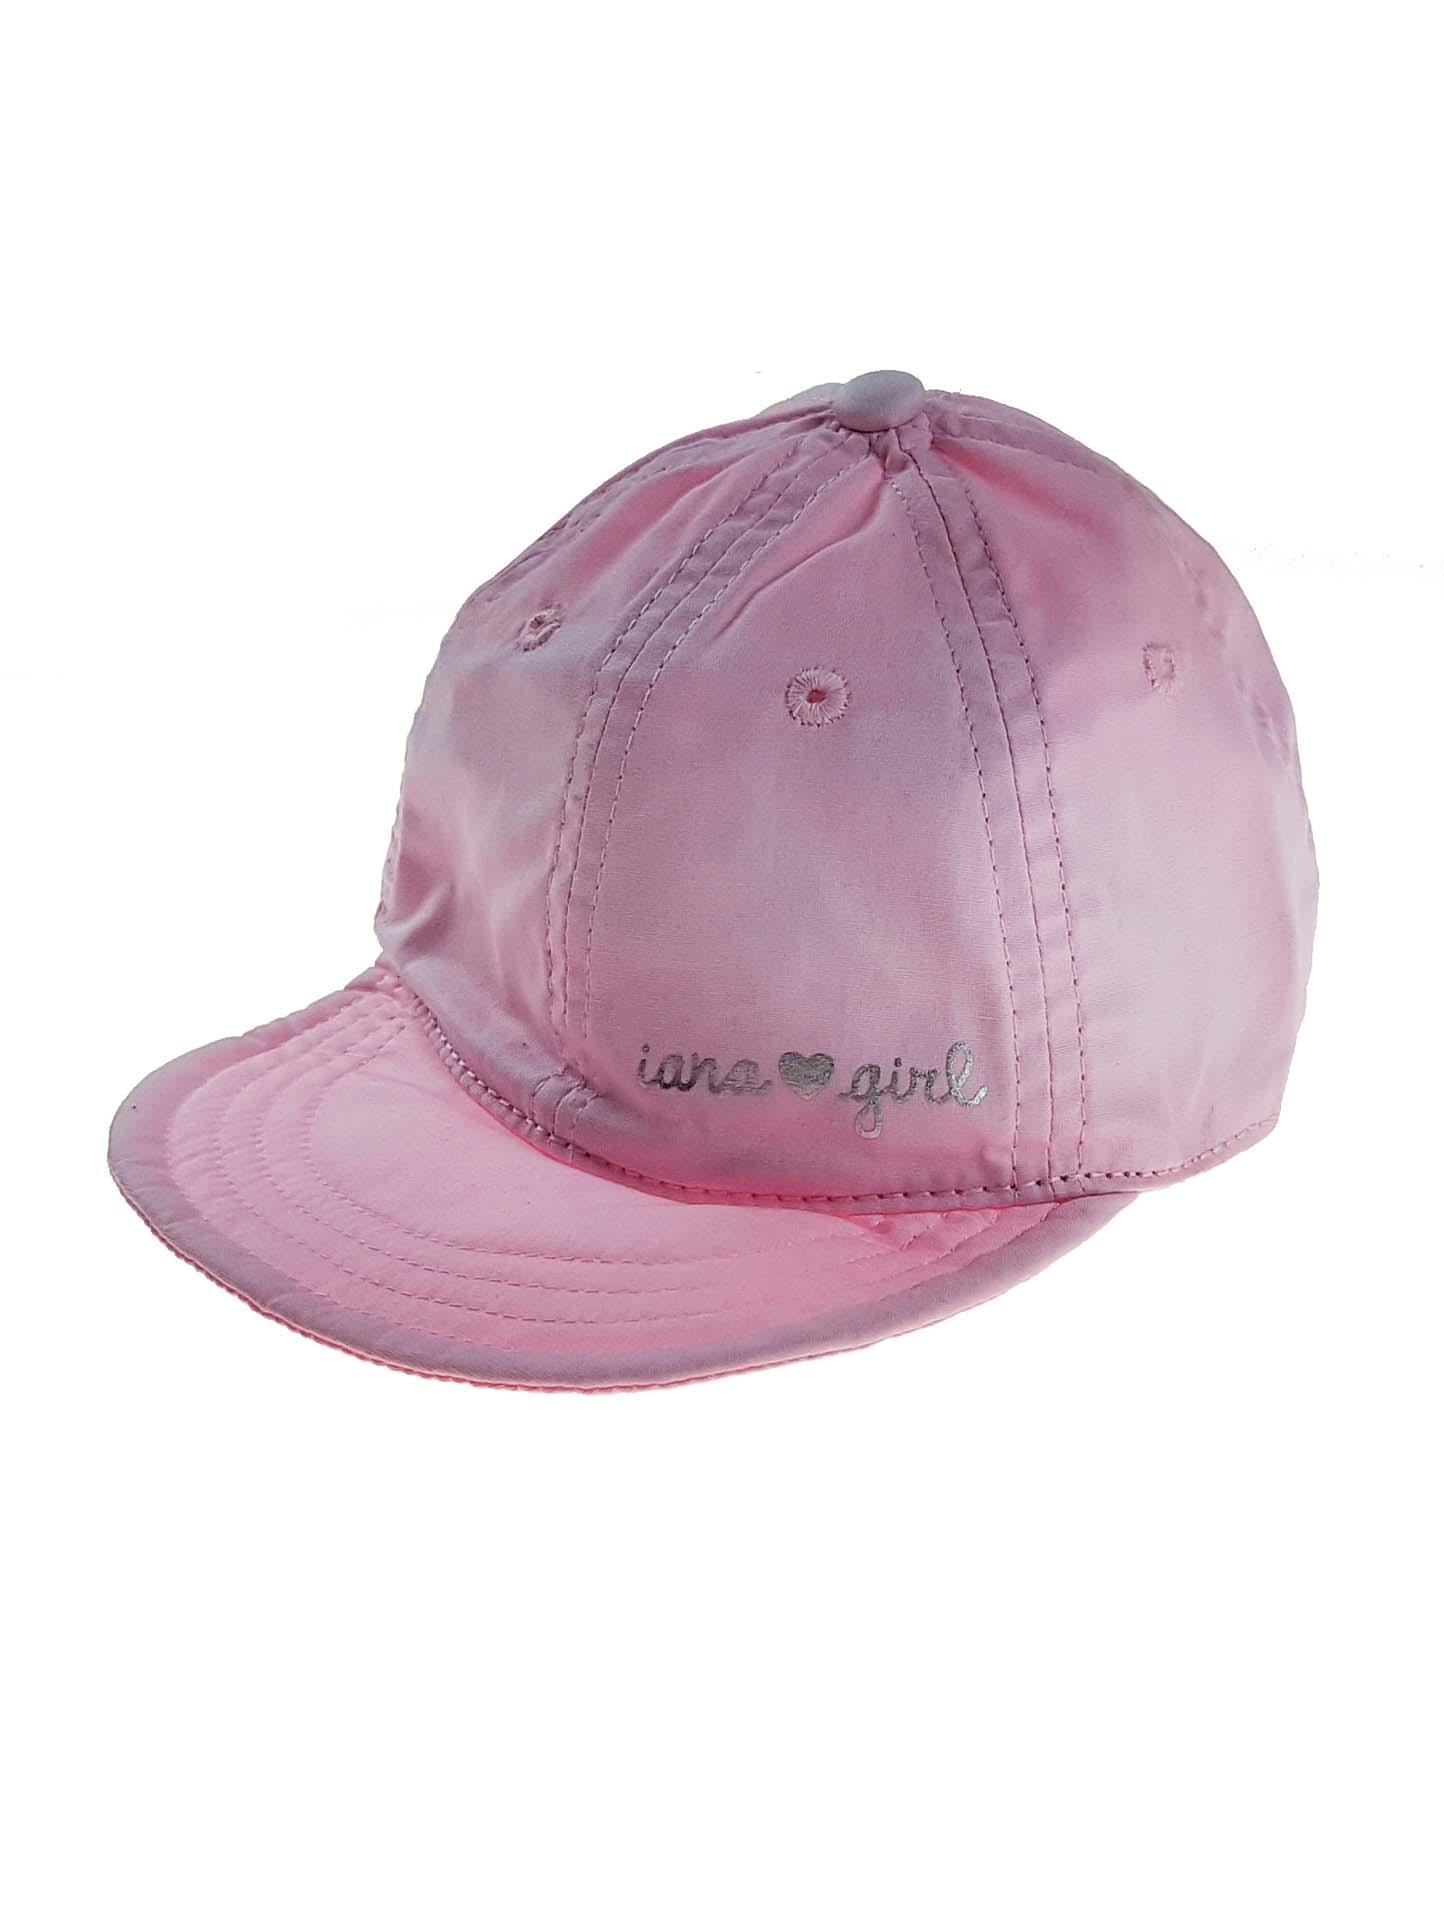 Купити Кепка рожева літня  f1b2c4cbaed1e